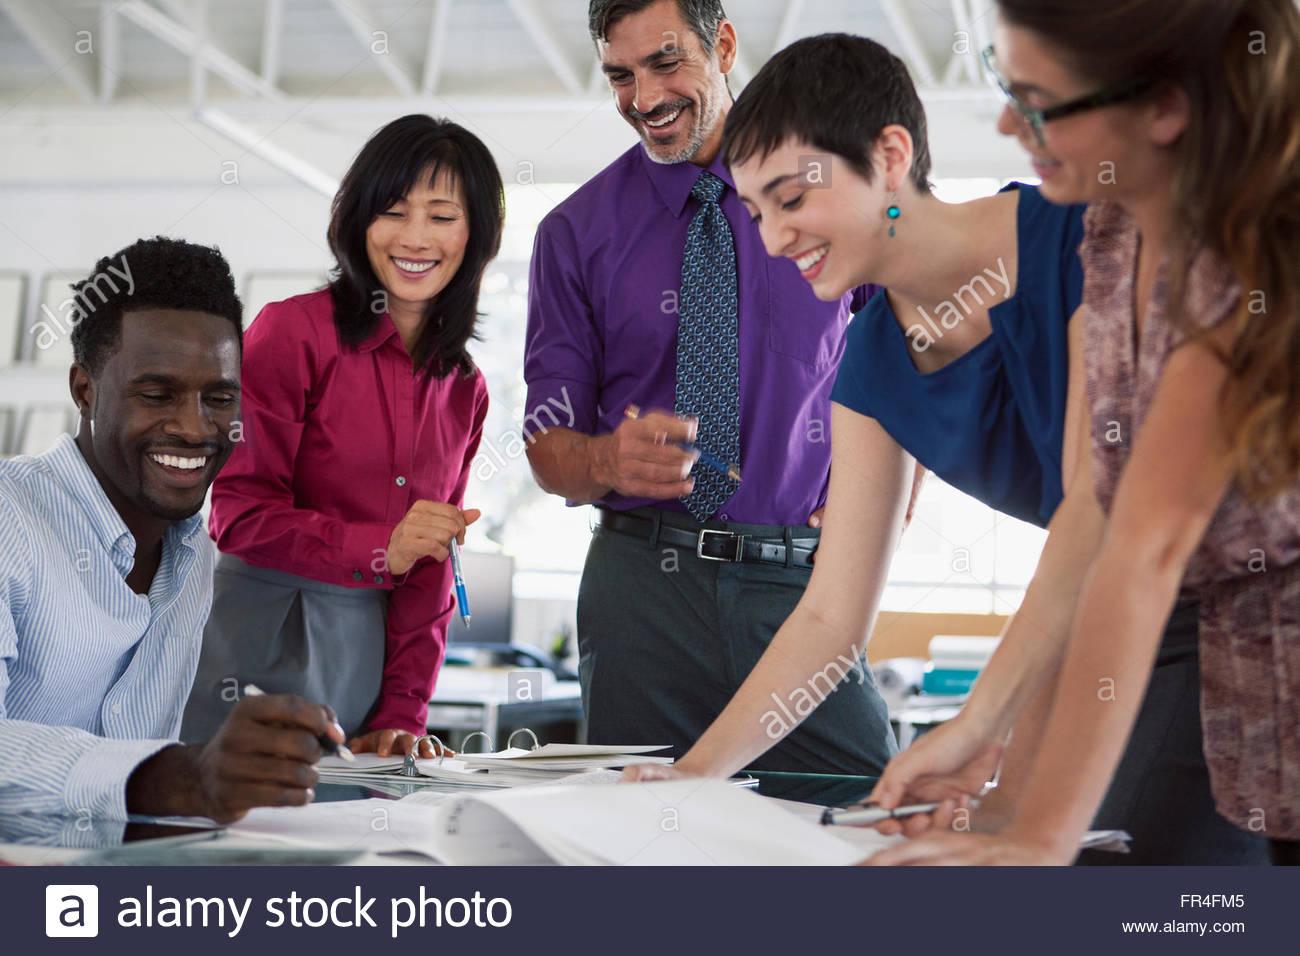 Les gens d'affaires ayant un rire alors que l'examen des formalités administratives Photo Stock